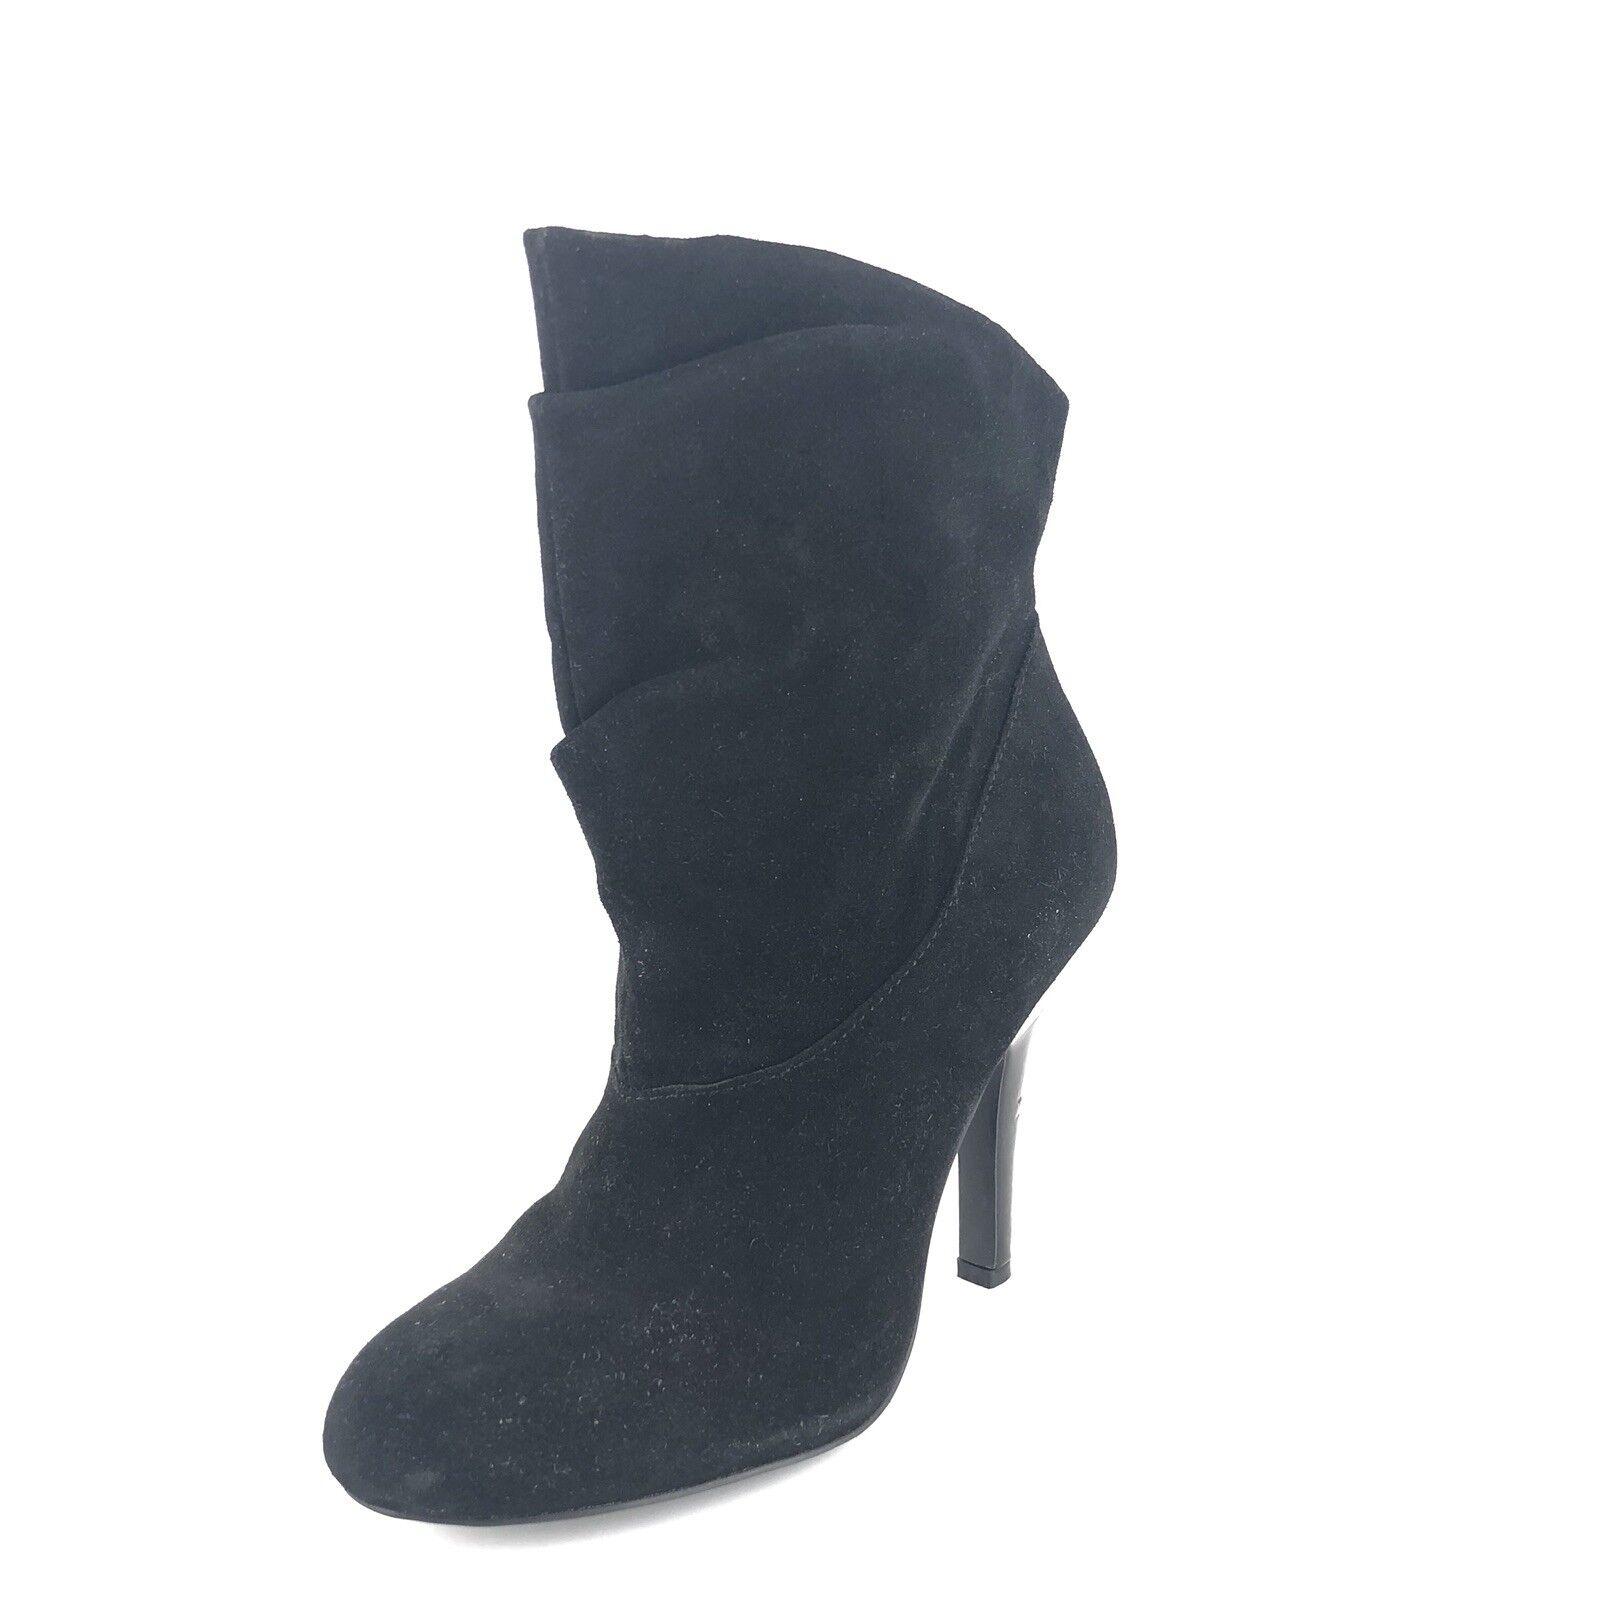 prima qualità ai consumatori Steve Madden Madden Madden donna P-Ada Suede Slouch avvioie nero scarpe Dimensione 8.5 M   110   negozio di vendita outlet